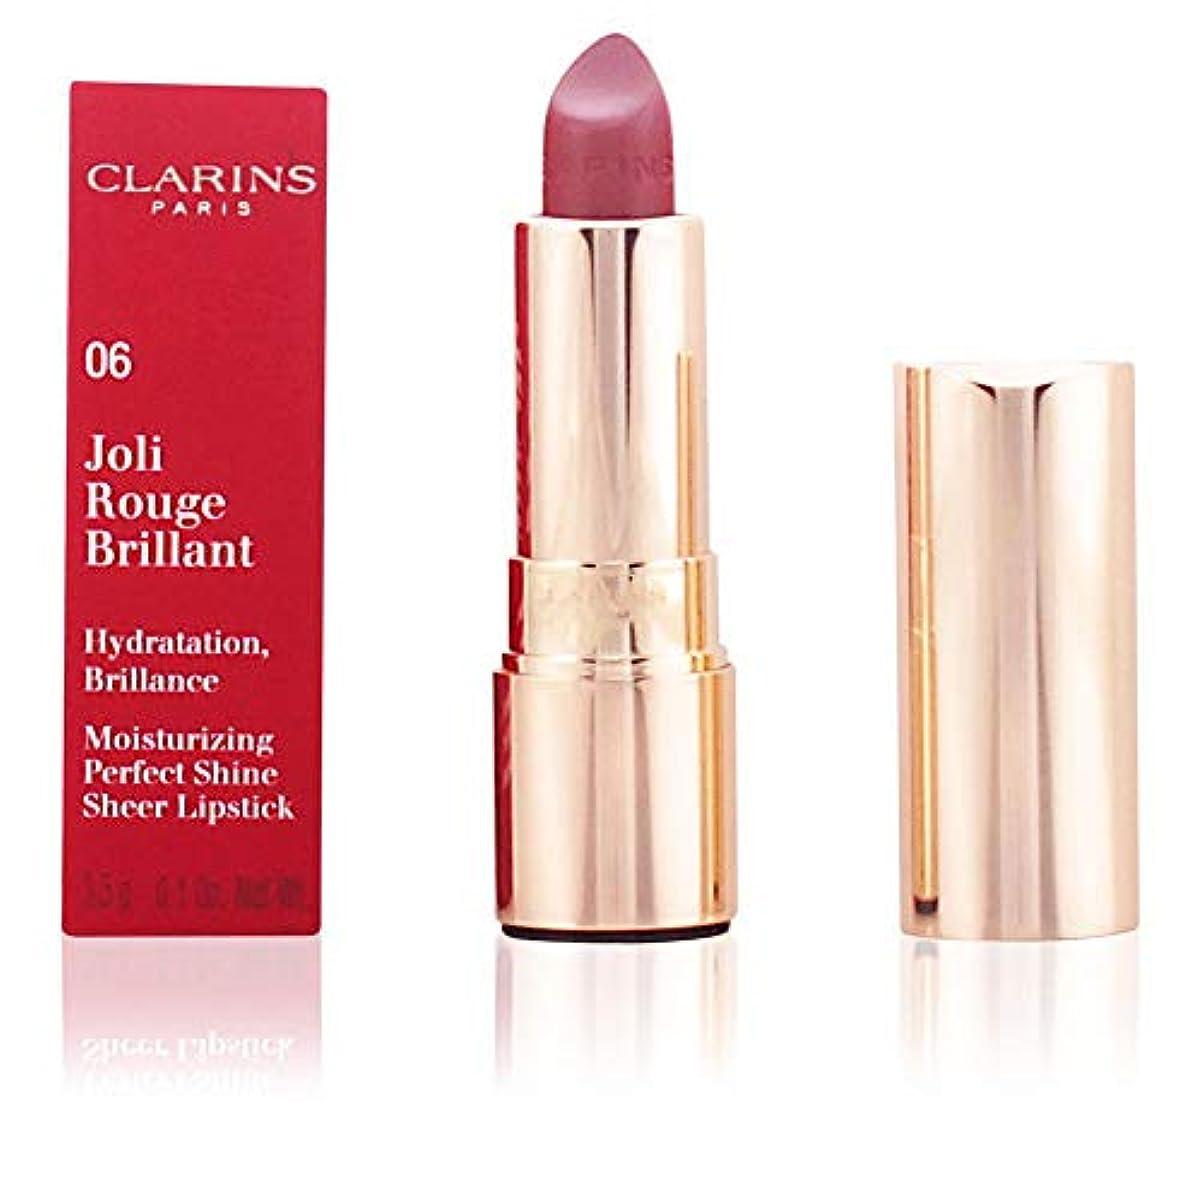 デイジースチュワード思いやりのあるクラランス Joli Rouge Brillant (Moisturizing Perfect Shine Sheer Lipstick) - # 25 Rose Blossom 3.5g/0.1oz